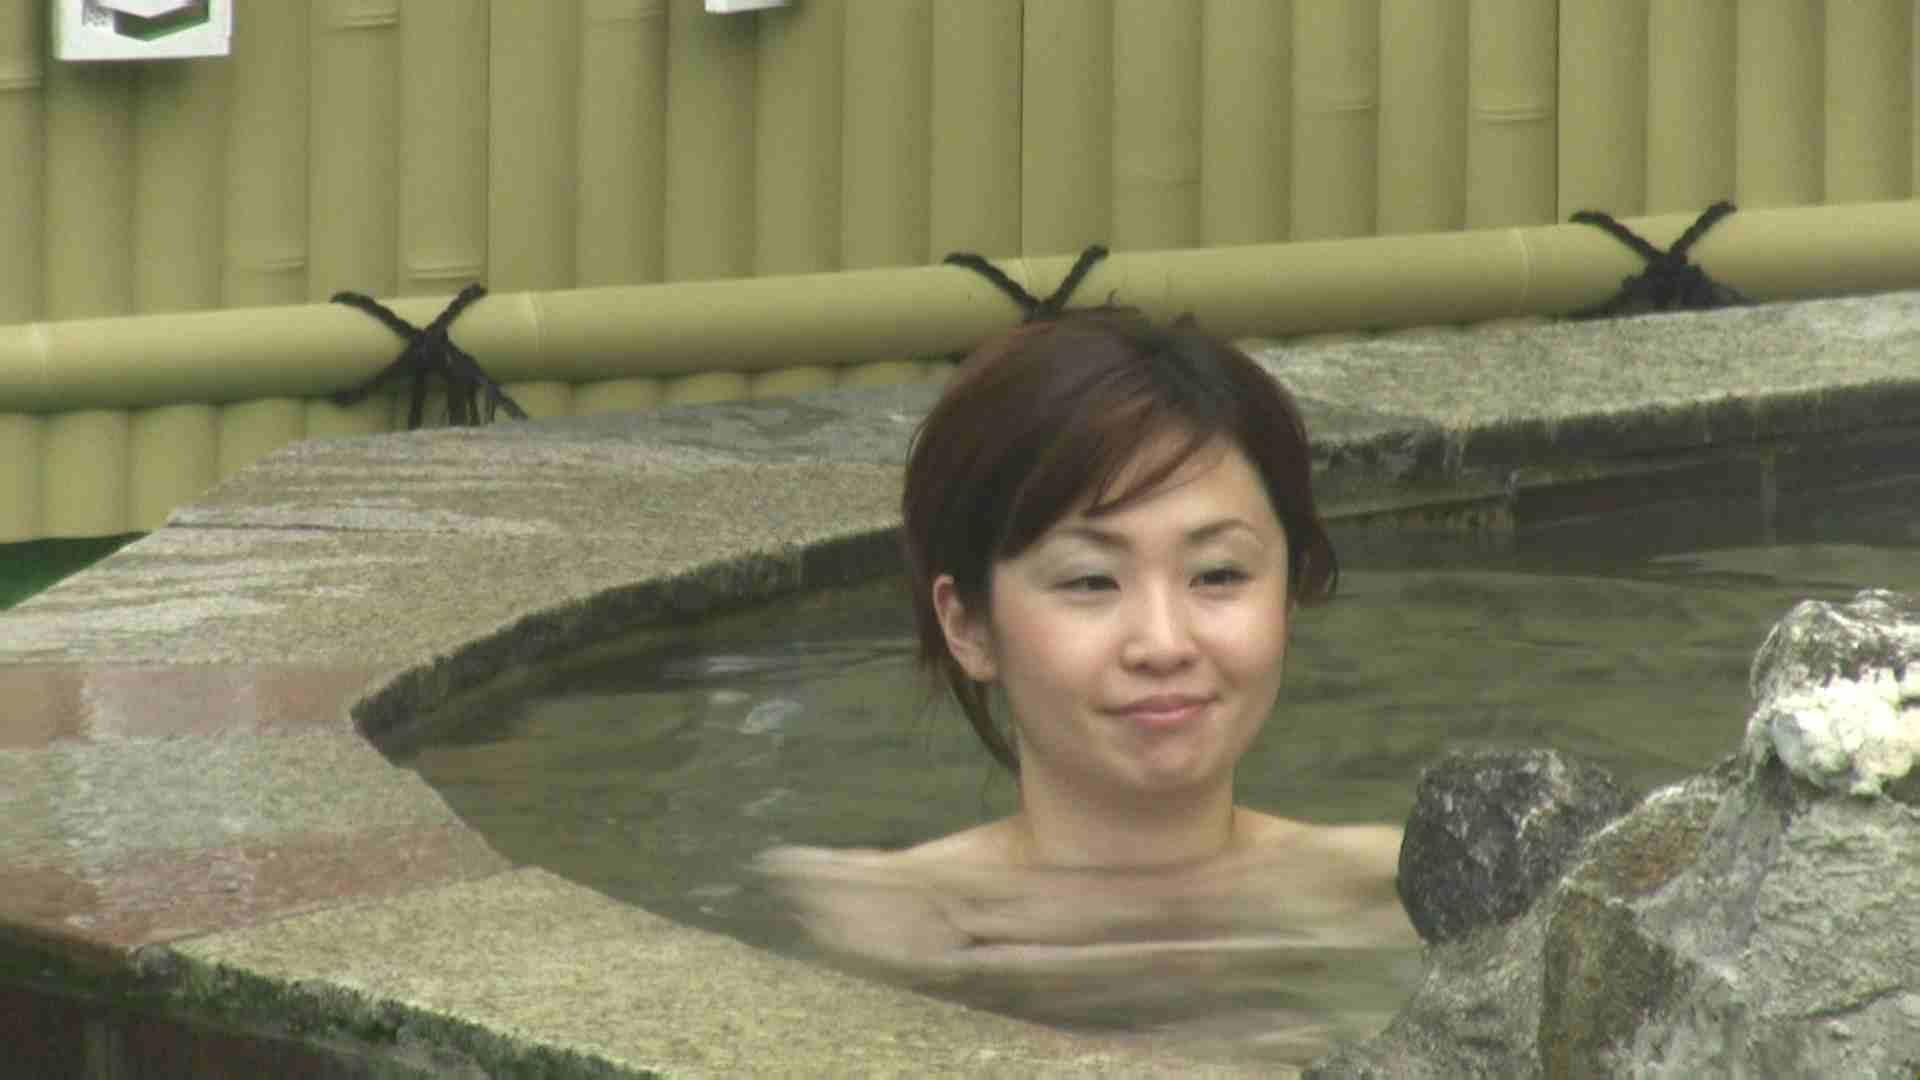 高画質露天女風呂観察 vol.033 高画質  57画像 42